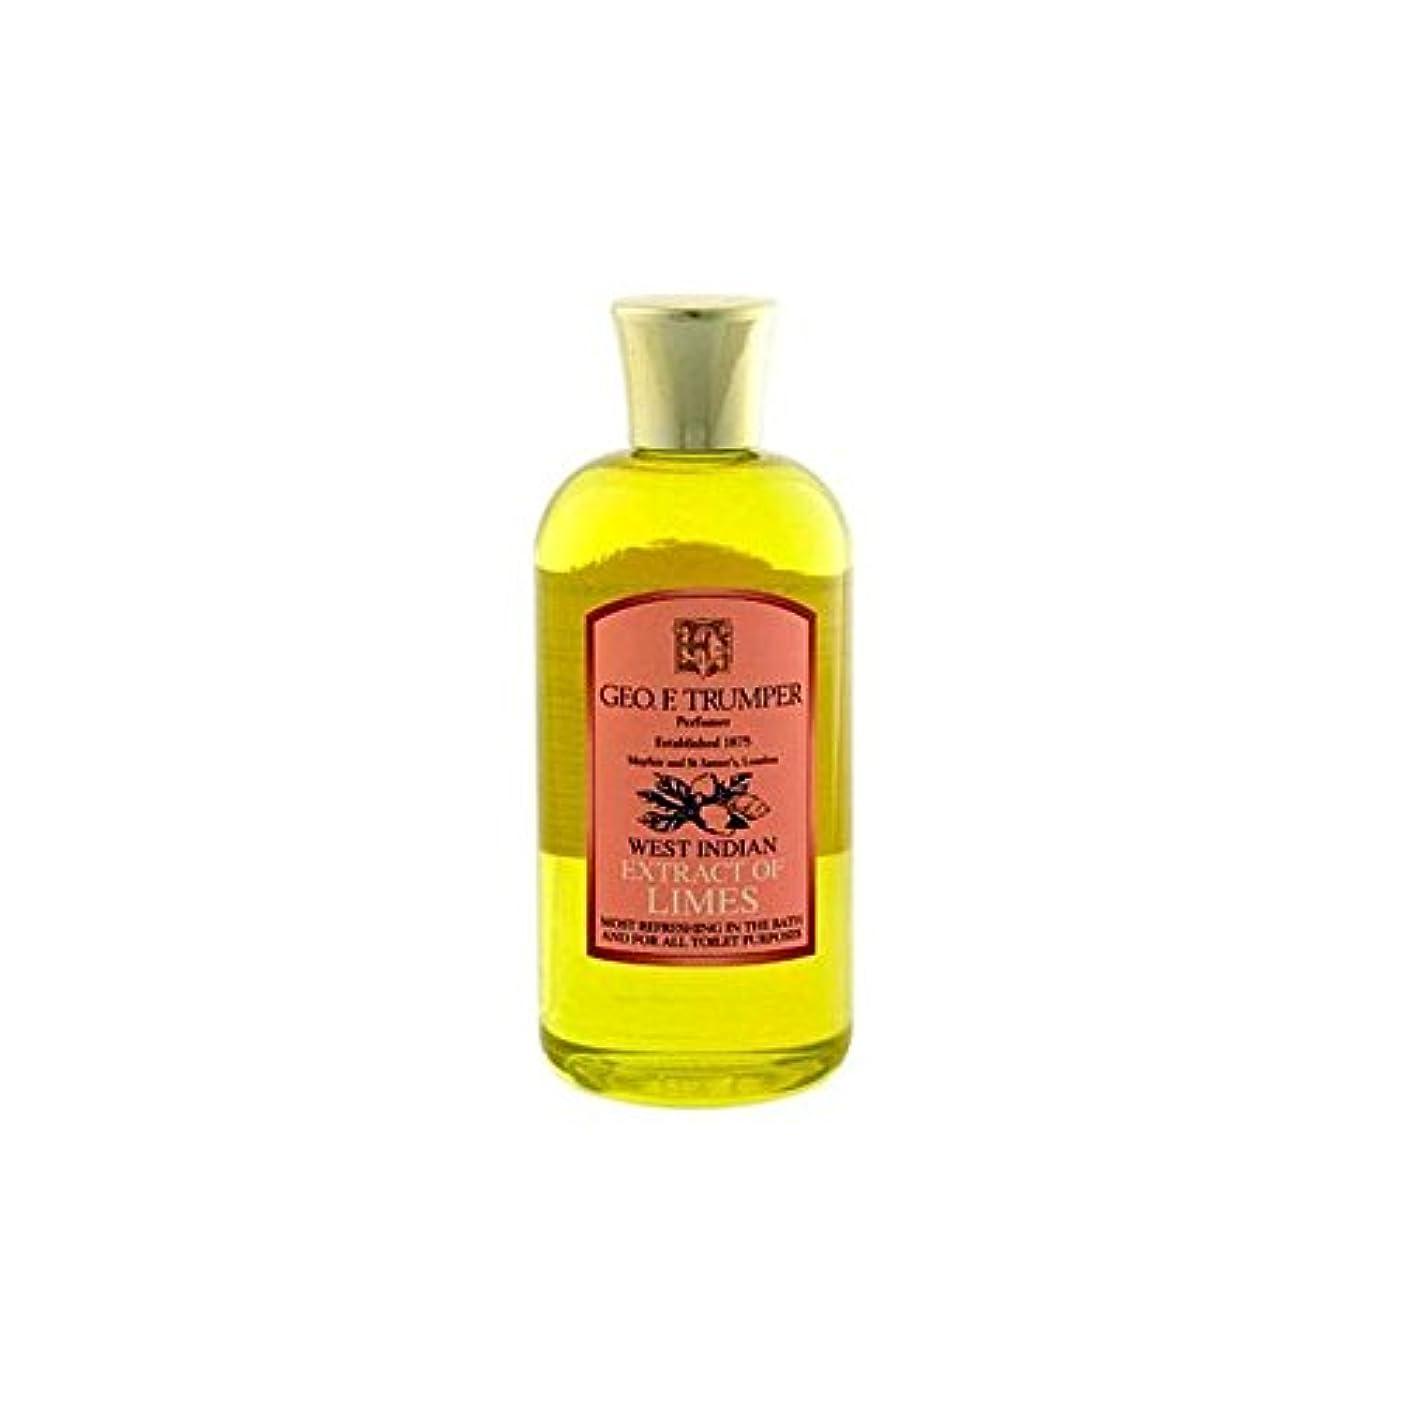 手配するアマゾンジャングル開拓者ライムのバスタブとシャワージェル200の抽出物を x4 - Trumpers Extracts of Limes Bath and Shower Gel 200ml (Pack of 4) [並行輸入品]